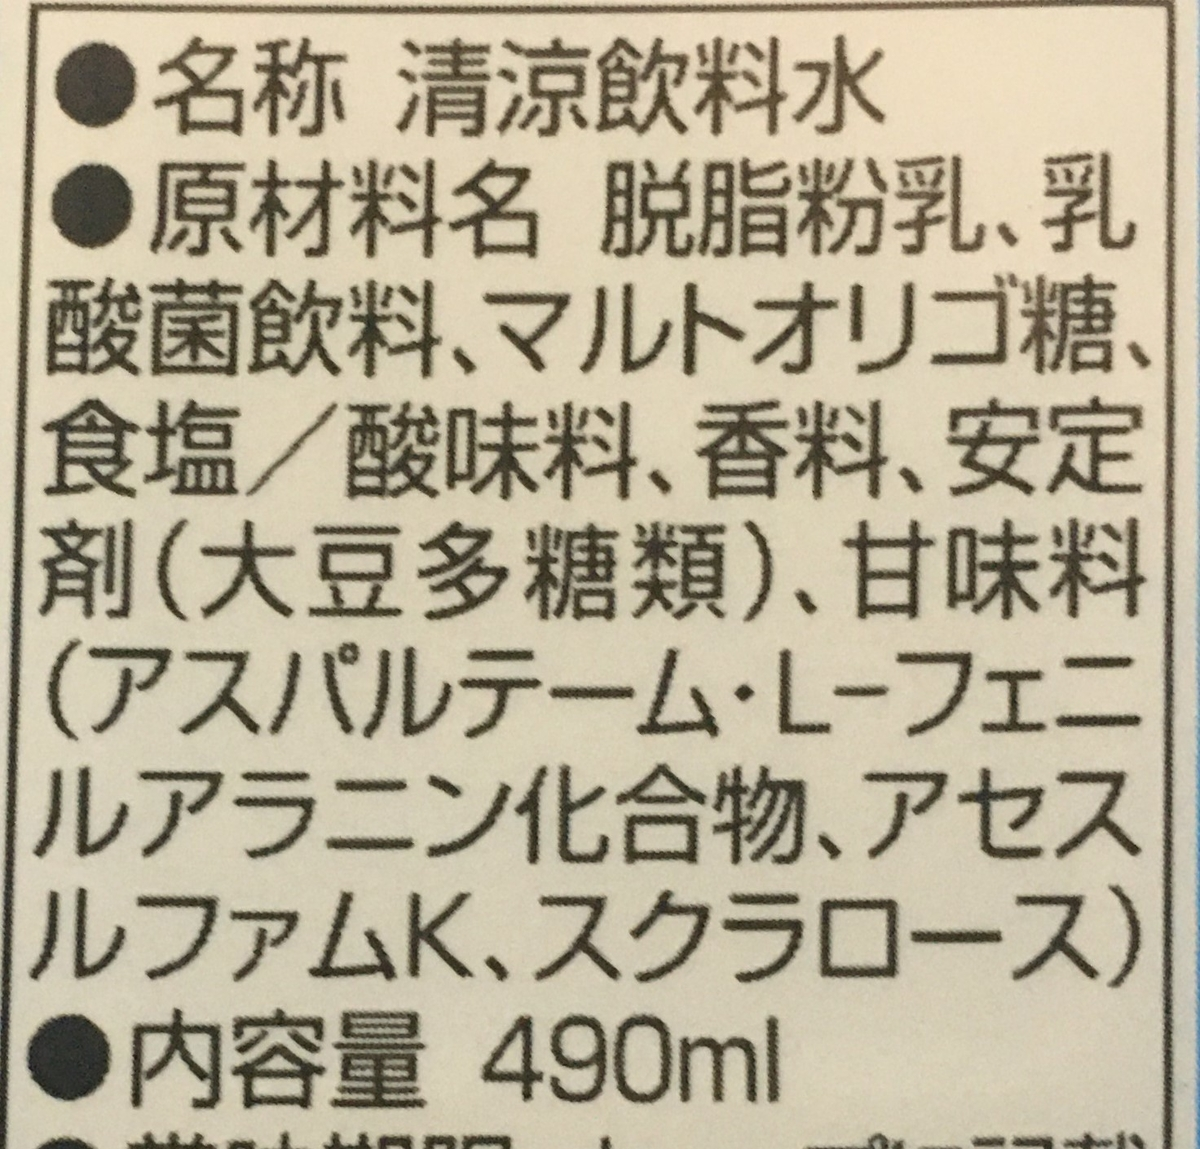 f:id:YOSHIO1010:20200406040748j:plain